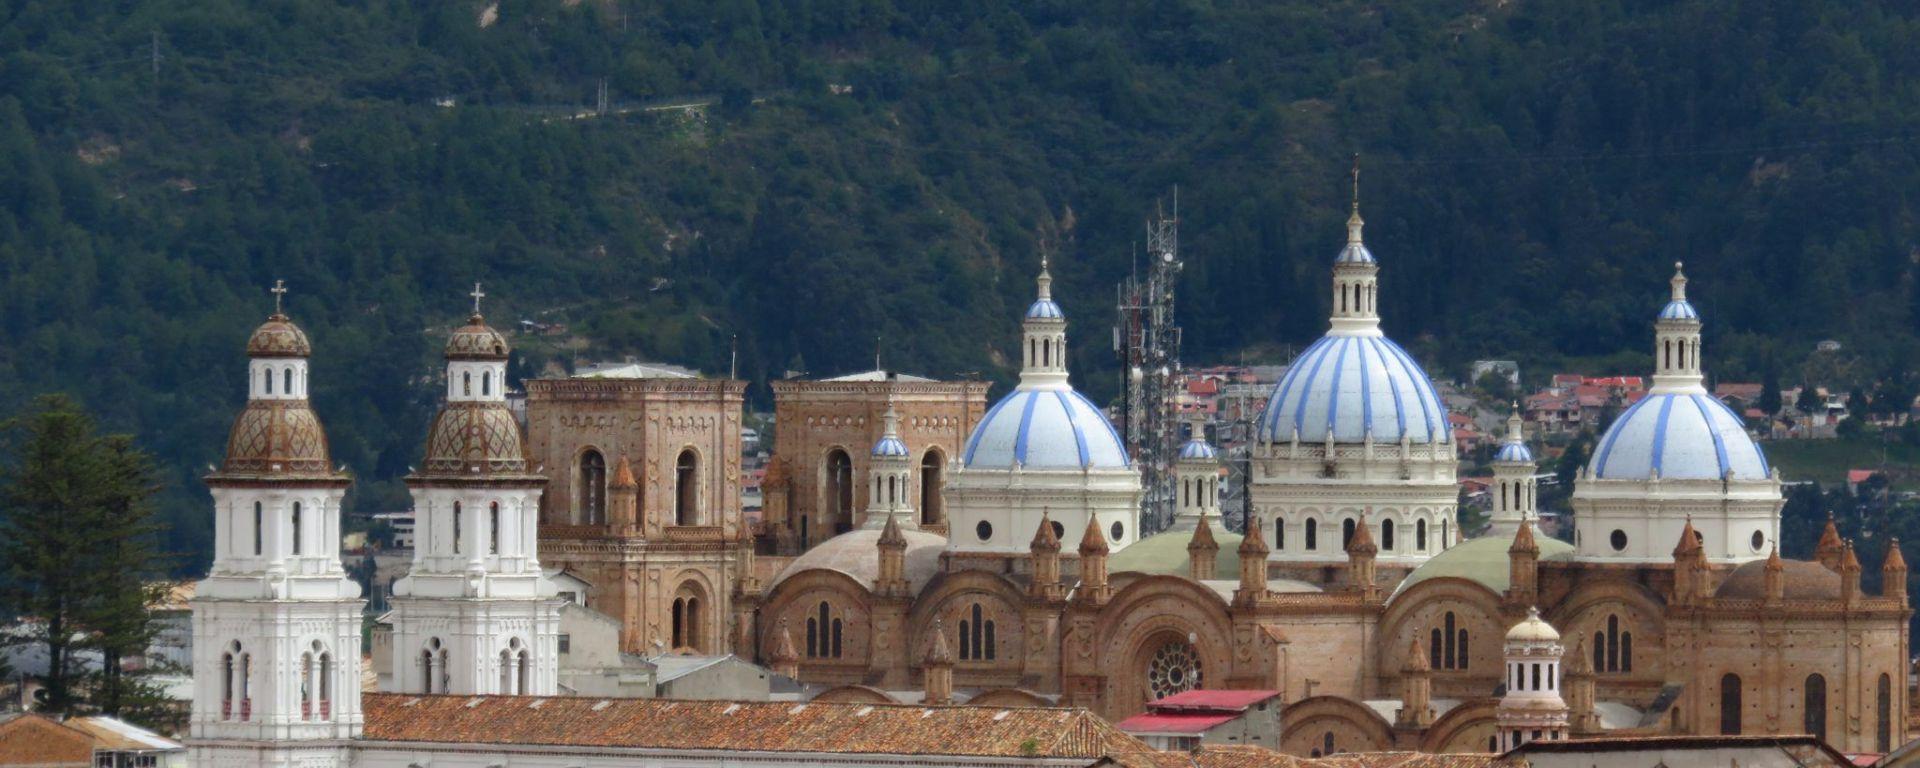 Cuenca, patrimonio cultural de la humanidad